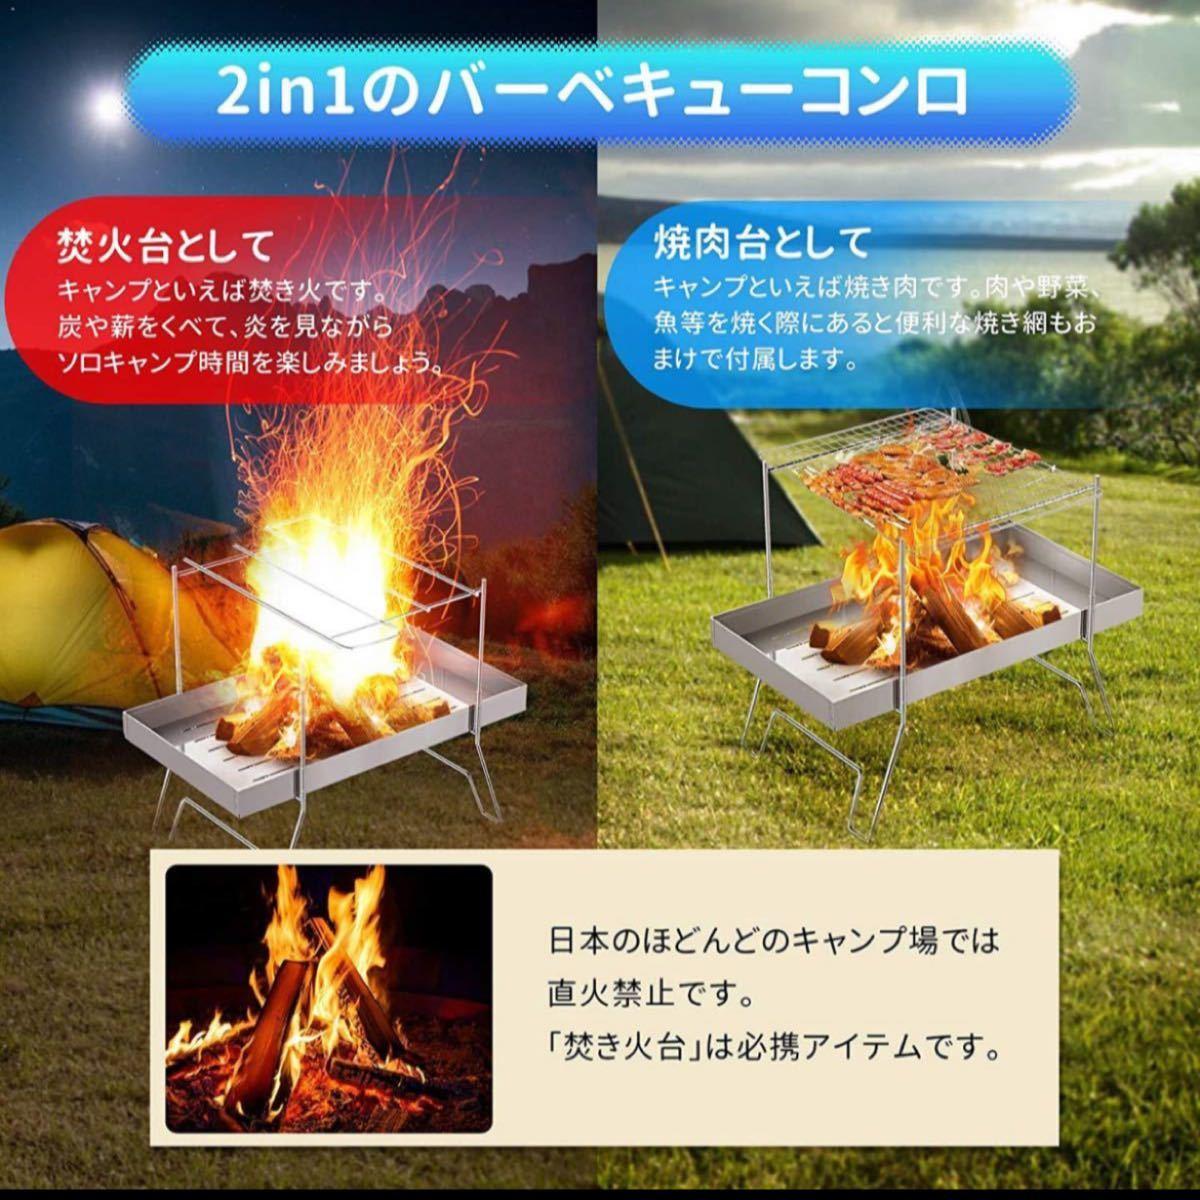 【2021最新版】焚き火台 1台2役 バーベキューコンロ 携帯便利 折り畳み式 焚火台 軽量 キャンプ用品